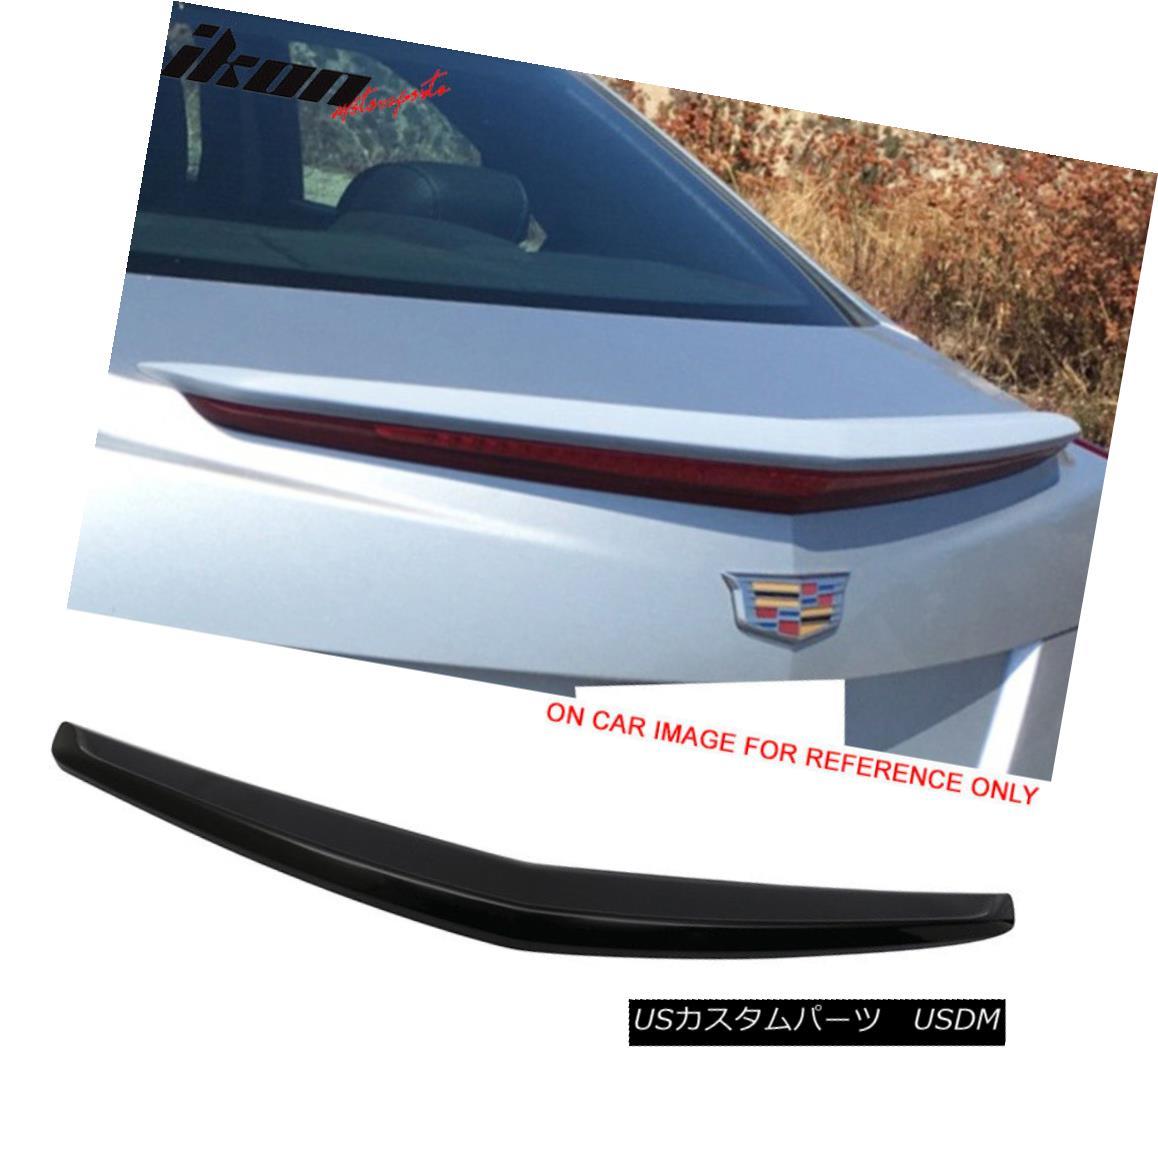 エアロパーツ For 13-18 Cadillac ATS OE Flush Mount Rear Deck Trunk Spoiler Wing #WA8555 Black 13-18キャデラックATS OEフラッシュマウントリアデッキトランク・スポイラー・ウィング#WA8555ブラック